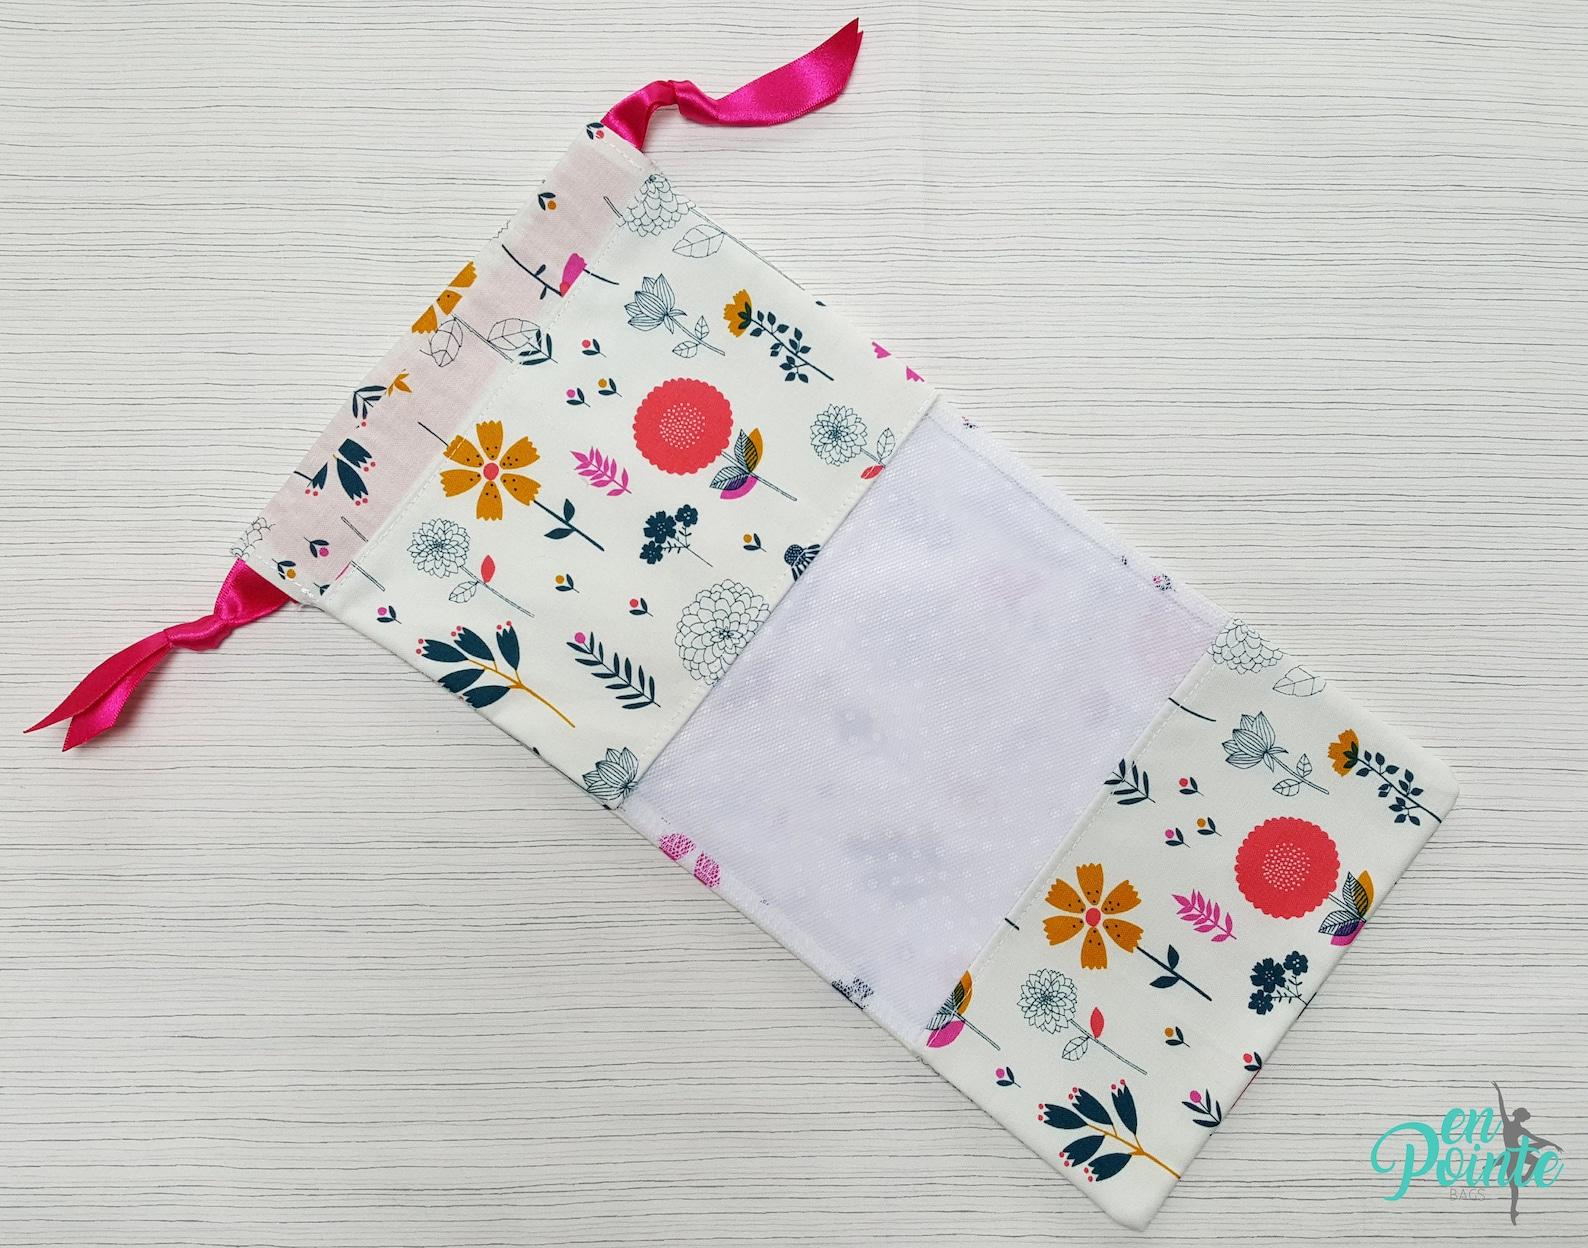 ballet pointe shoe bag - dance shoe bag - ballet bag | pink floral